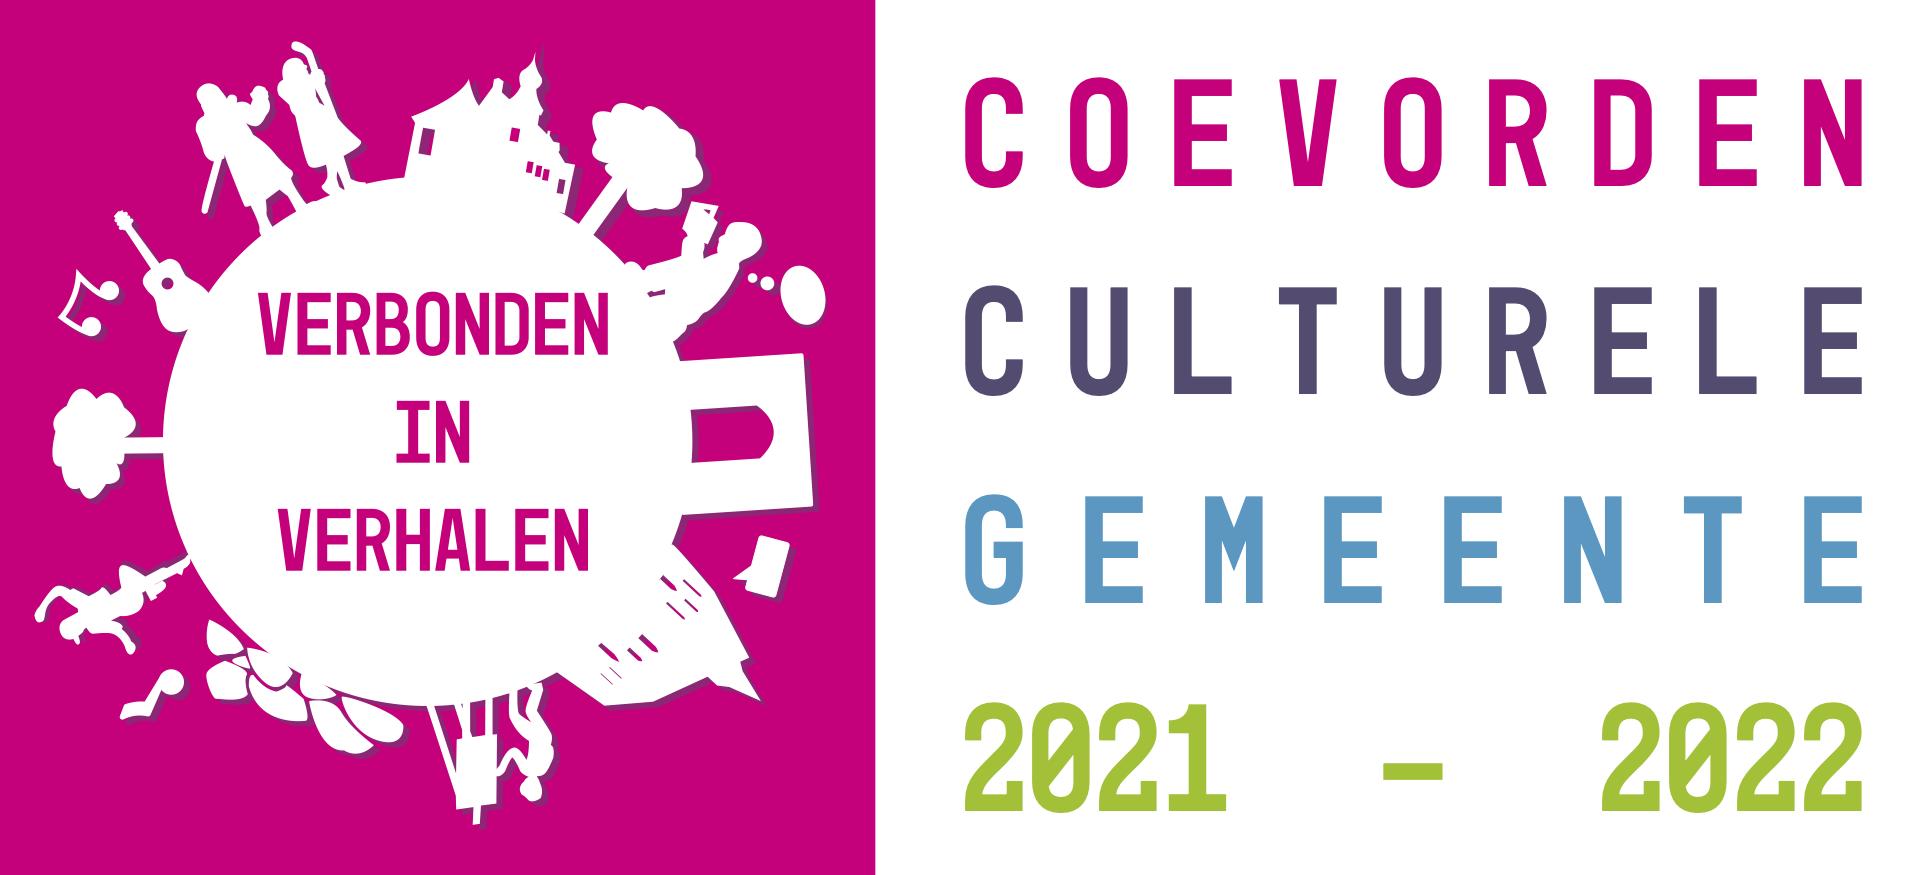 cultureel-coevorden_logo_witoproze_apartetekst_kleuren